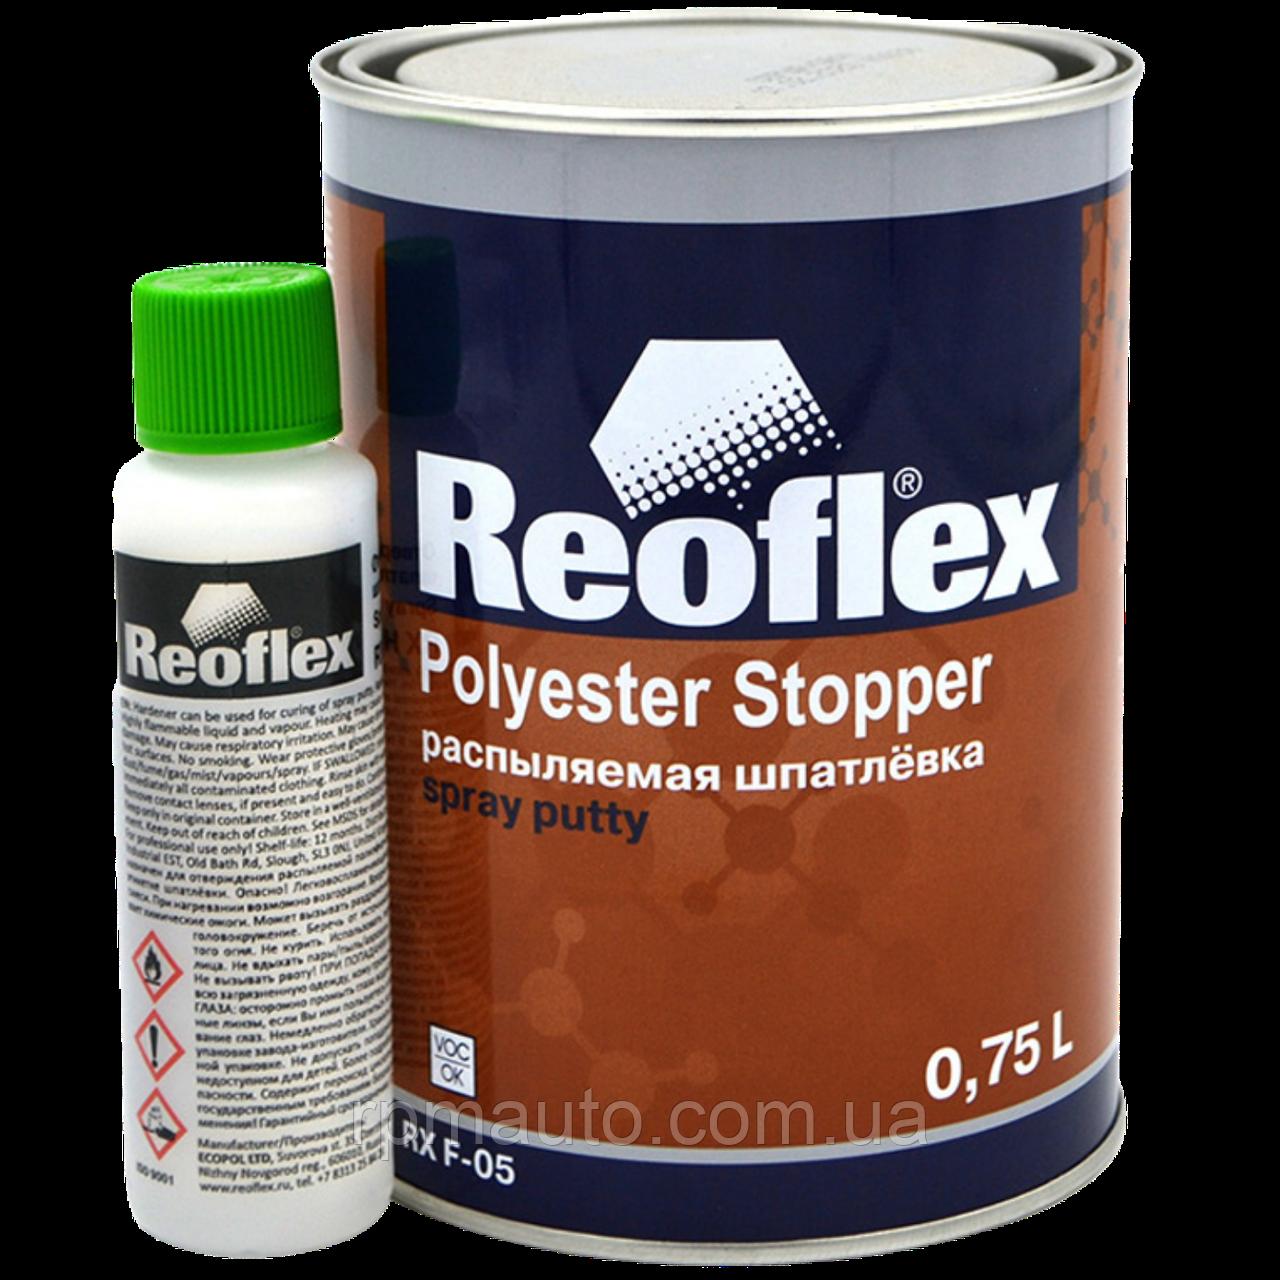 Шпатлёвка Распыляемая Полиэфирная REOFLEX Polyester Stopper RX F-05 0.75 л Шпаклевка Жидкая для Авто